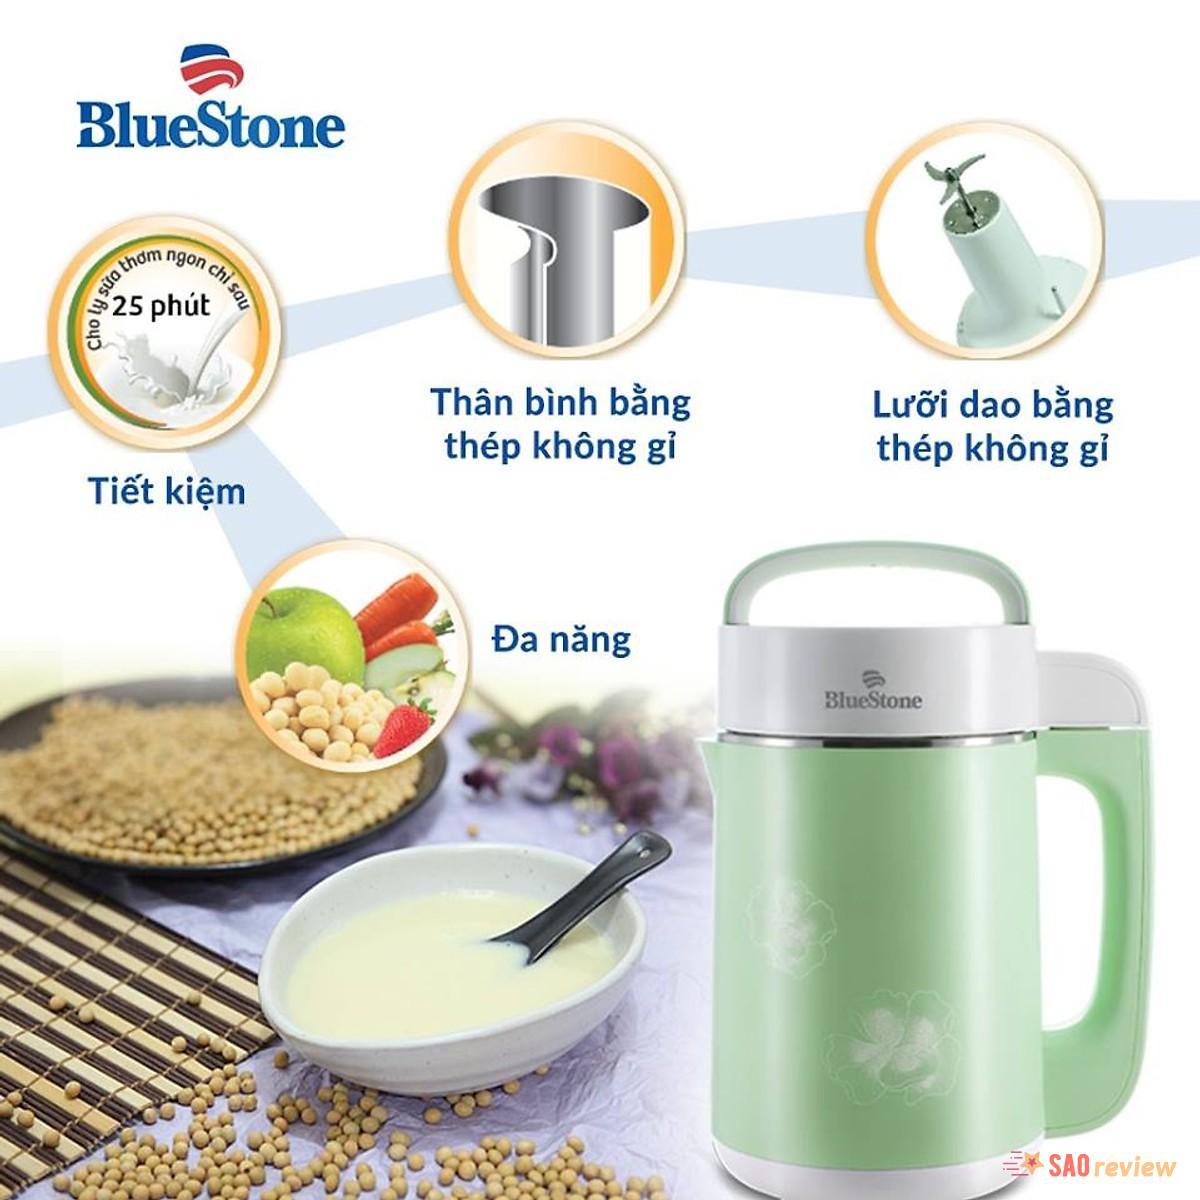 Máy Làm Sữa Đậu Nành Bluestone SMB-7326 1.2L